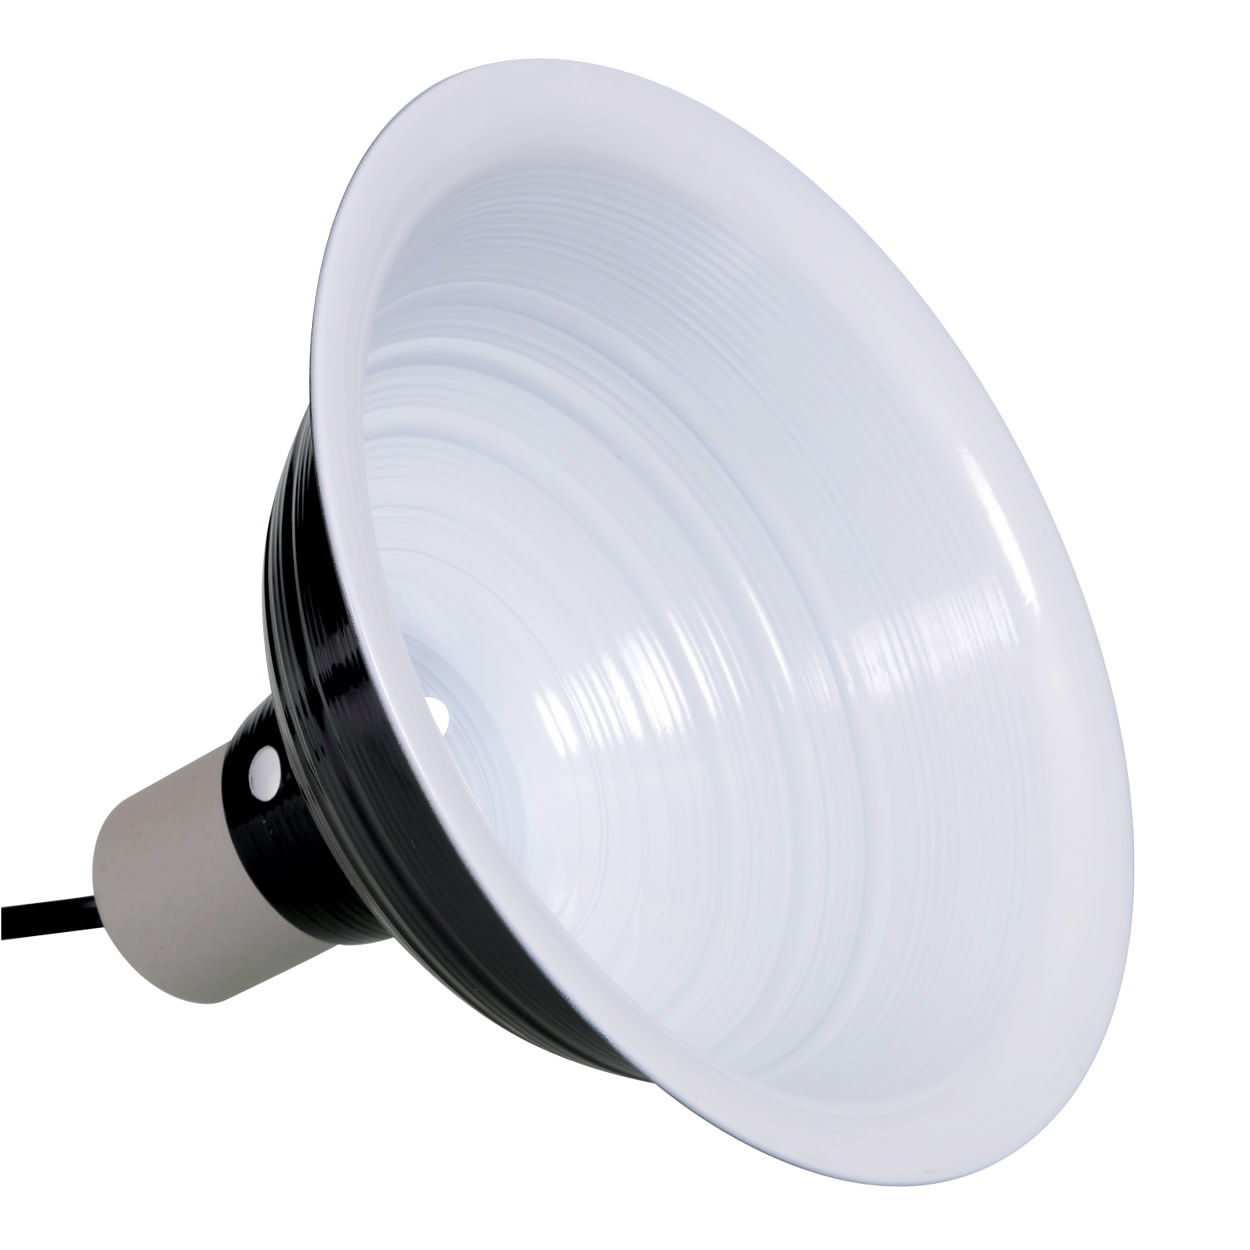 """Zilla Dôme réflecteur noir 8.5 po - Reflector Dome - Black - 8.5"""""""